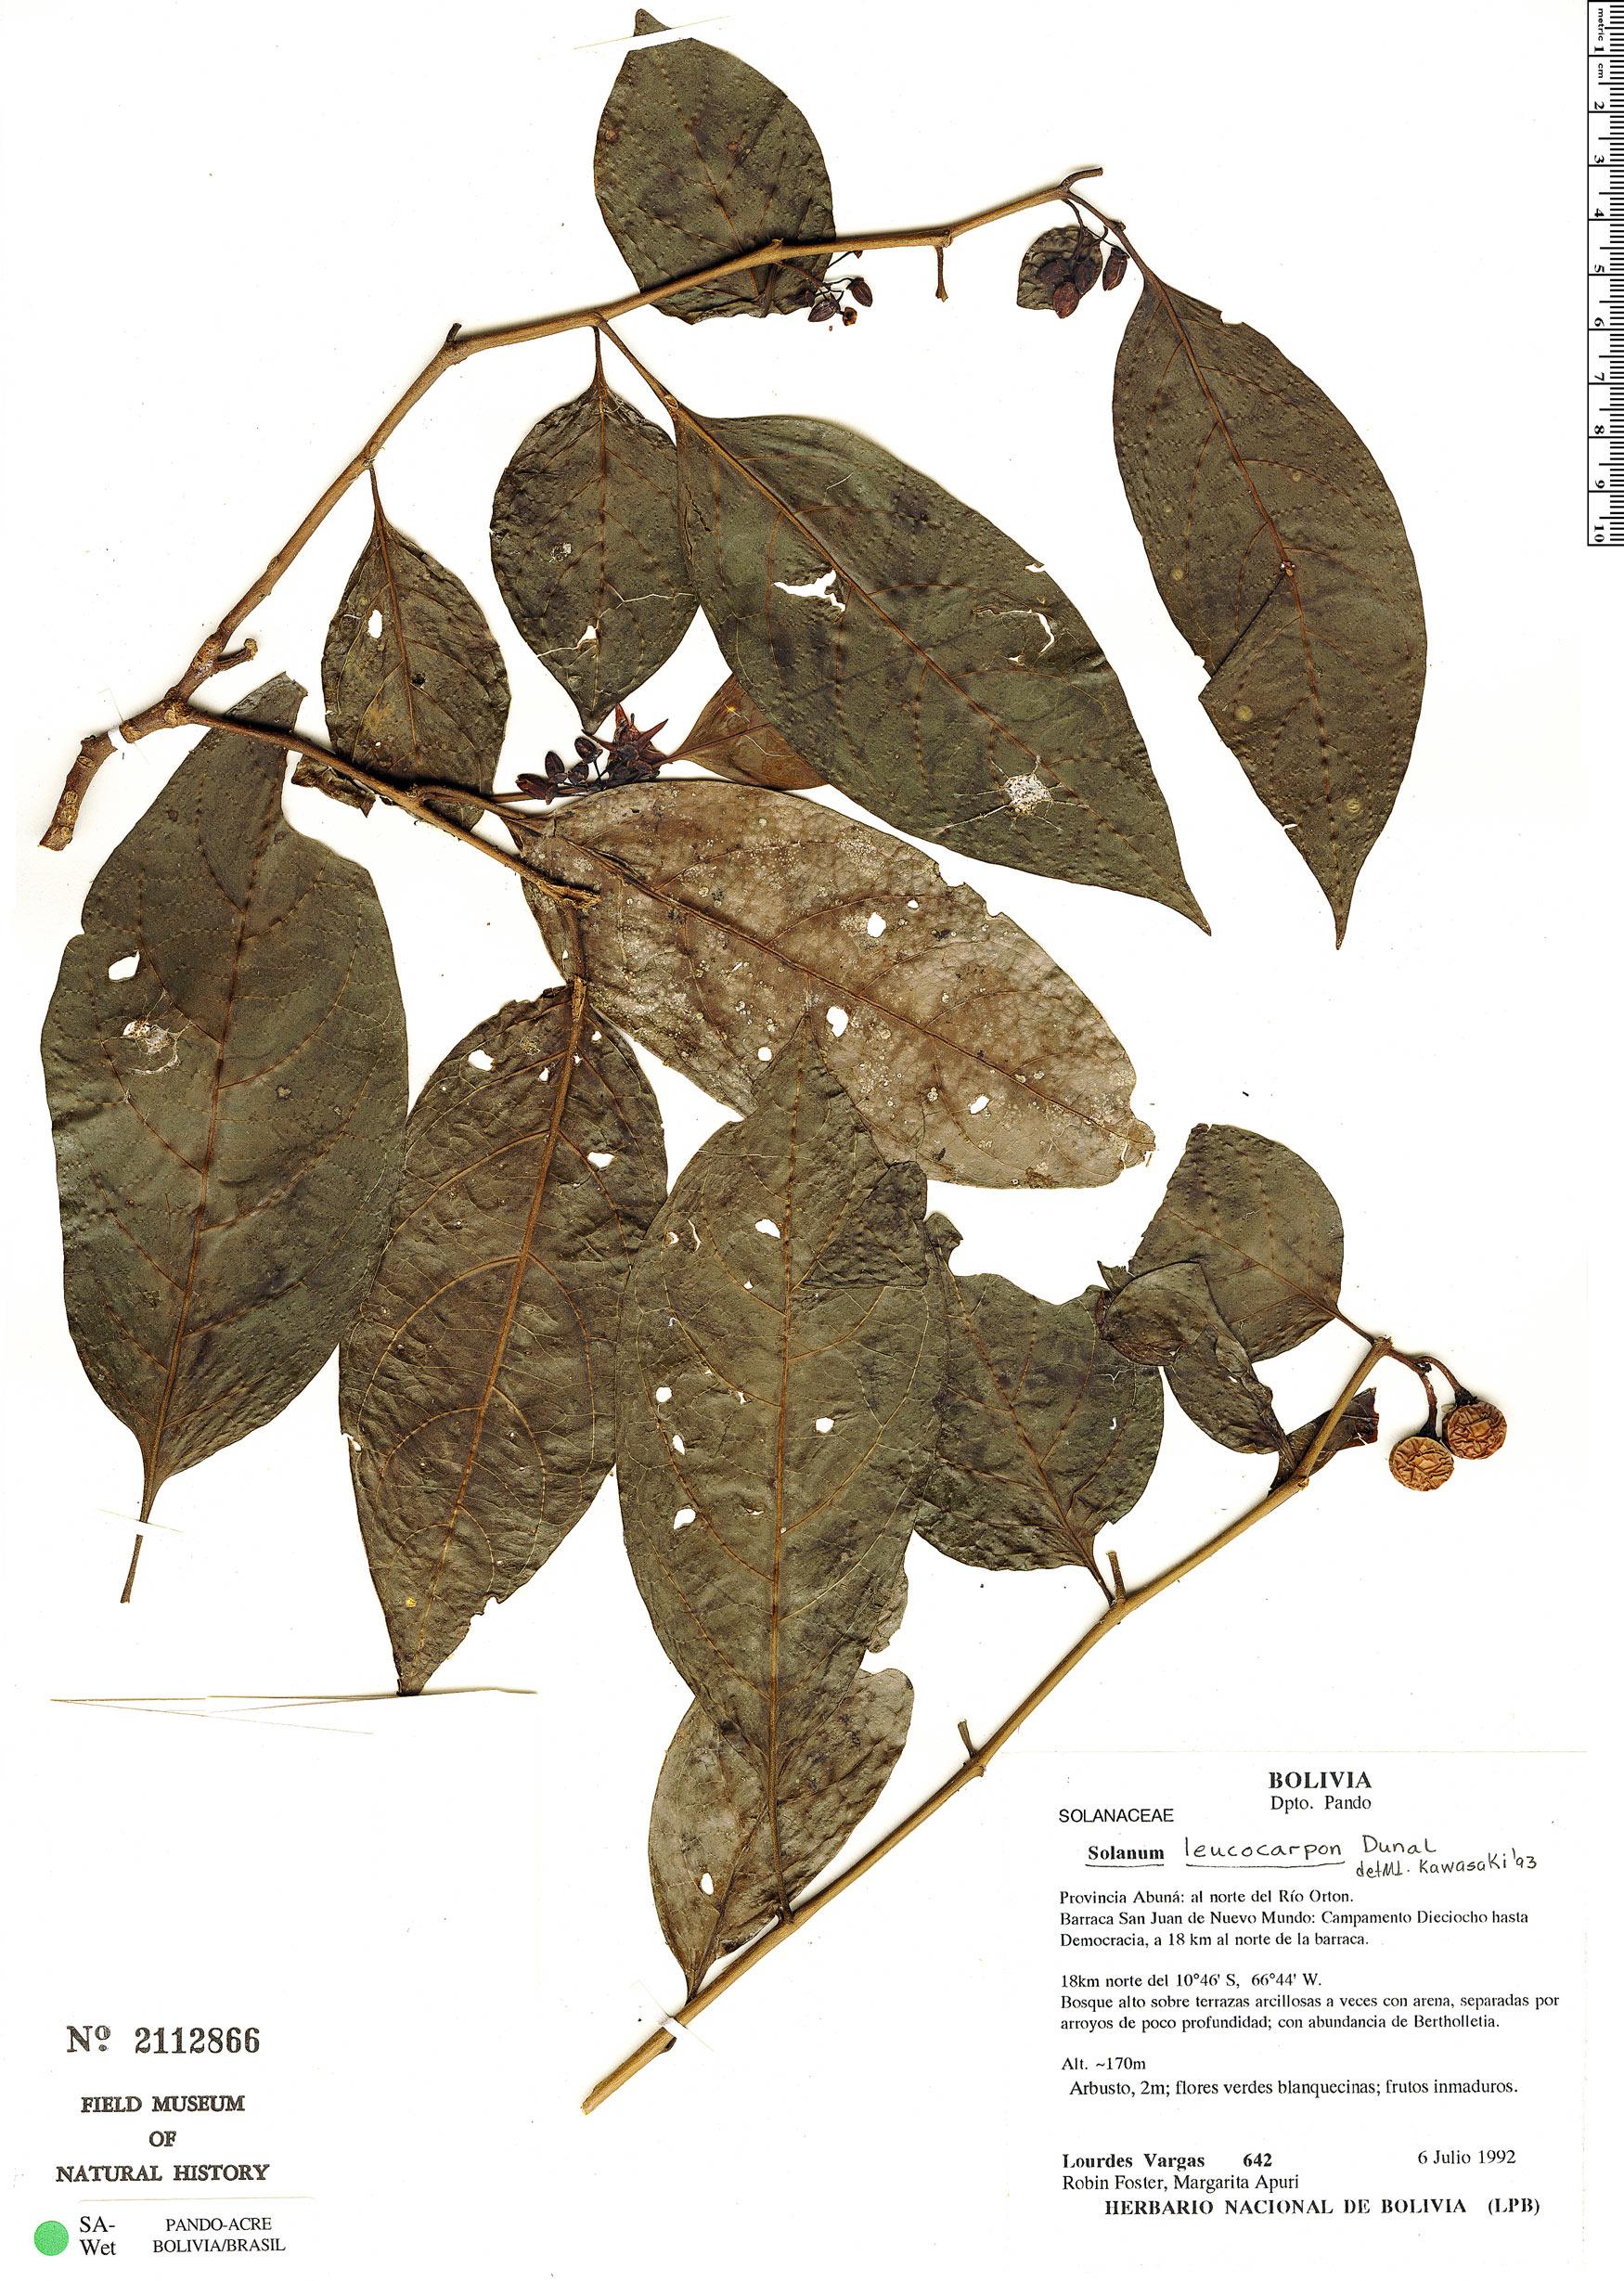 Specimen: Solanum leucocarpon